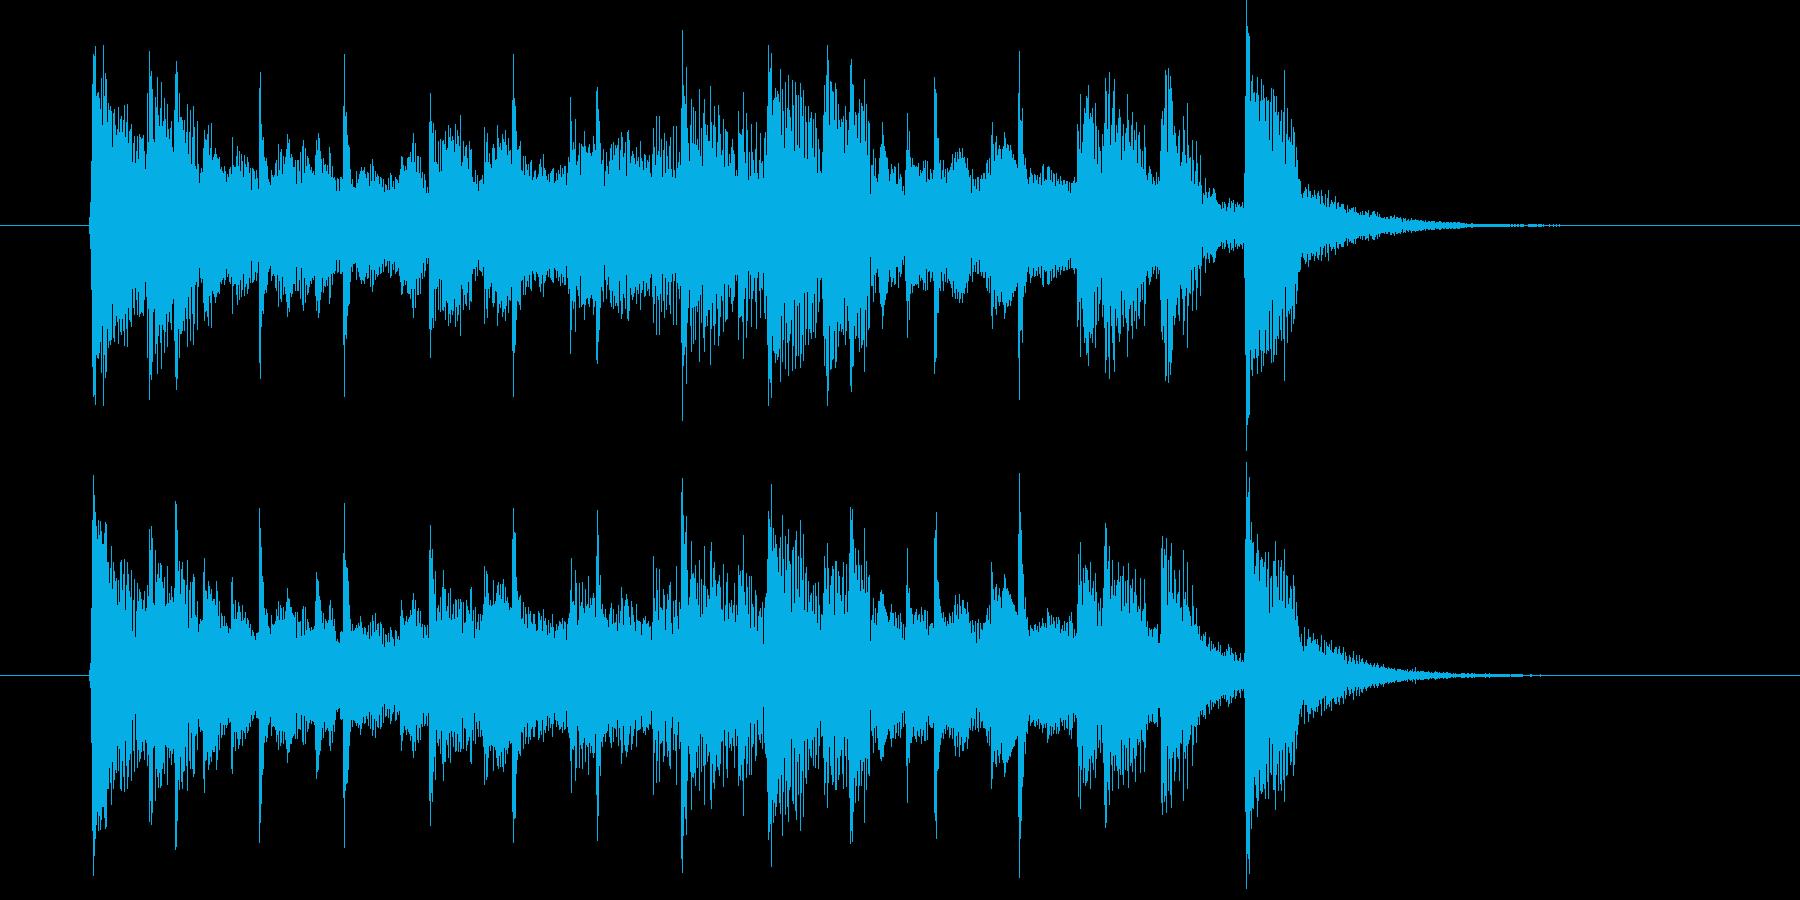 エレクトリックピアノの軽快なポップスの再生済みの波形